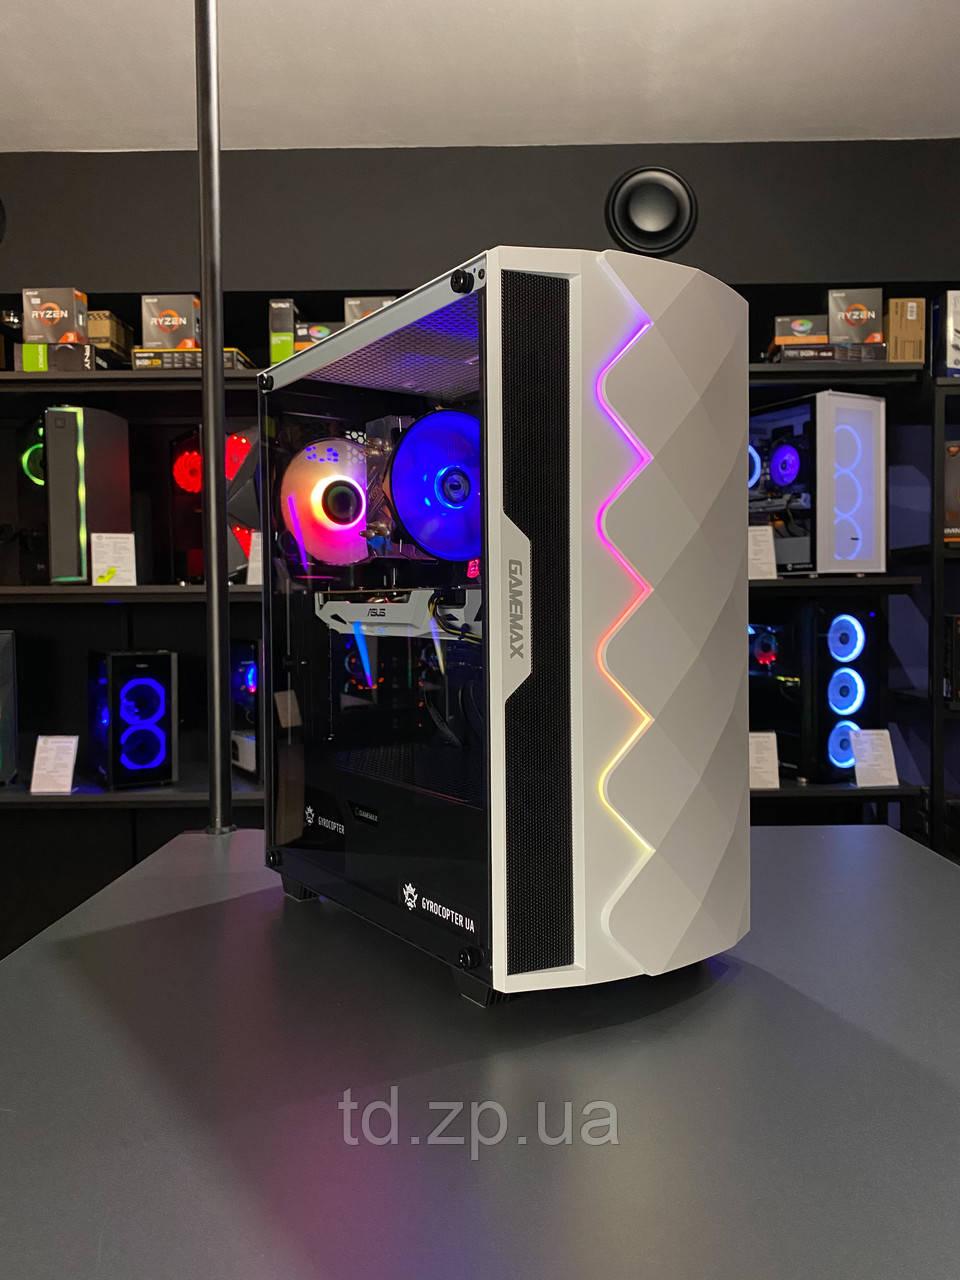 Игровой компьютер Intel Core i3-10100f + GTX 1660 Super 6Gb + RAM 16Gb + HDD 1000Gb + SSD 120Gb